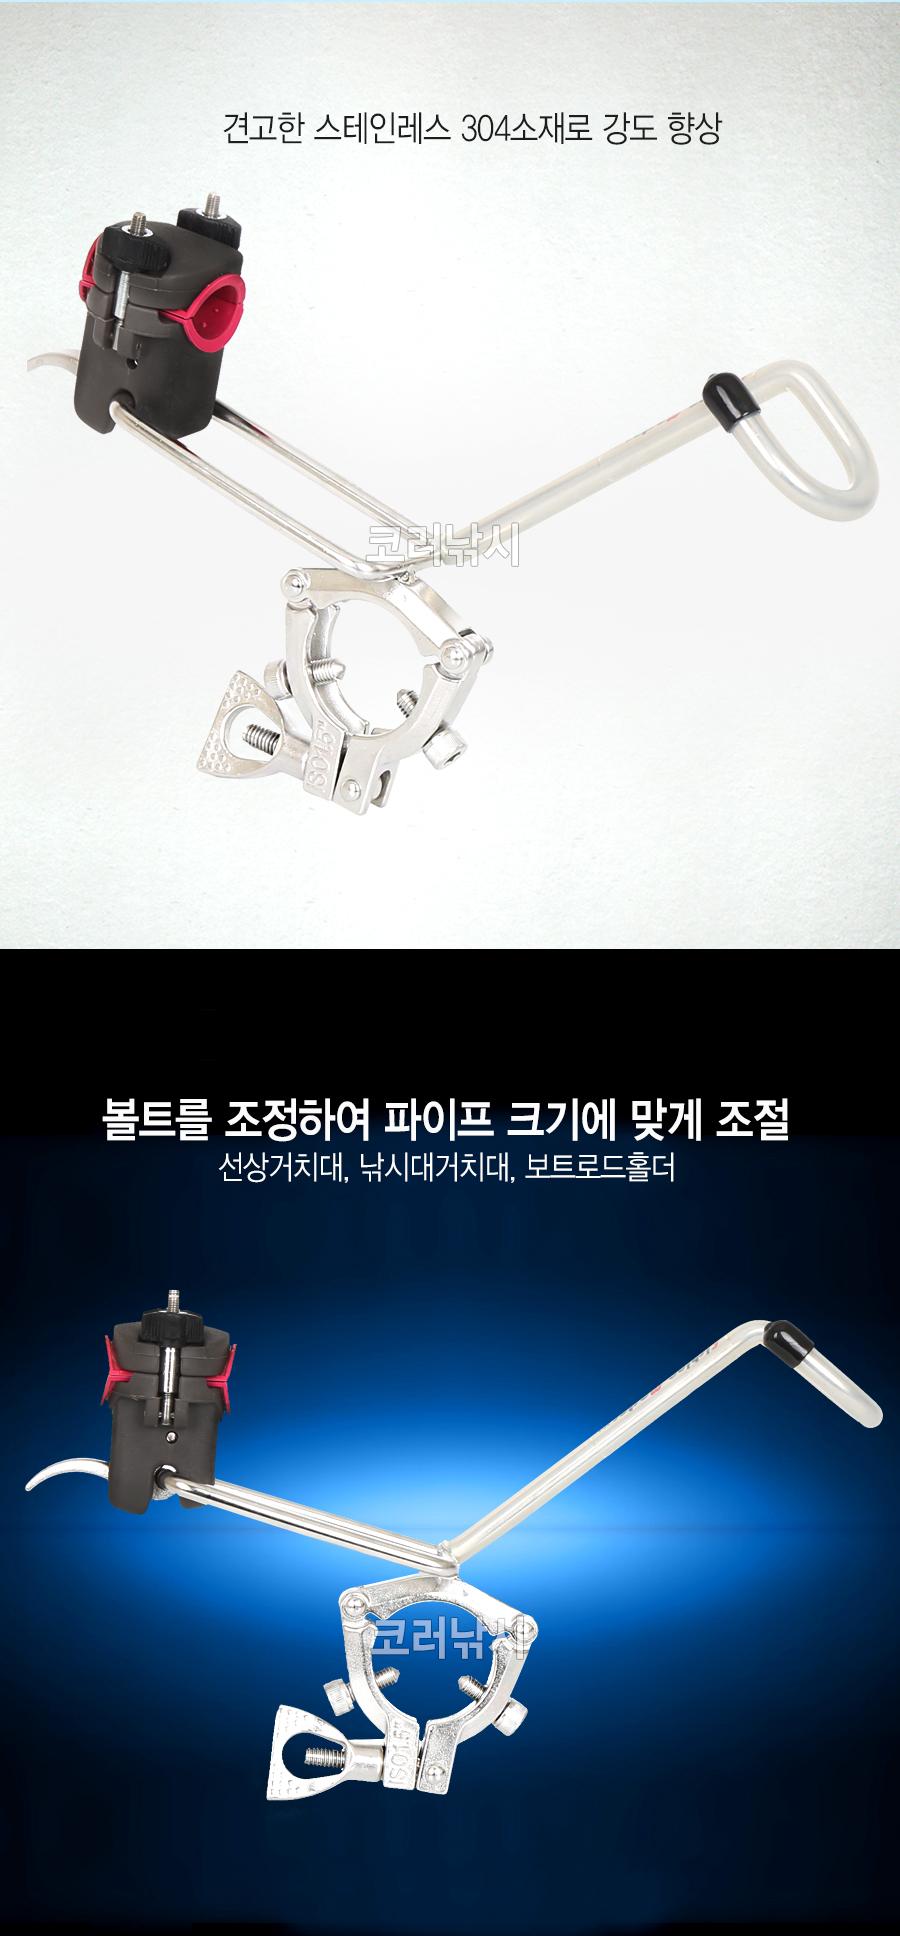 피싱마스타 선상거치대 파이프용 선상낚시거치대 낚시대거치대 보트로드홀더